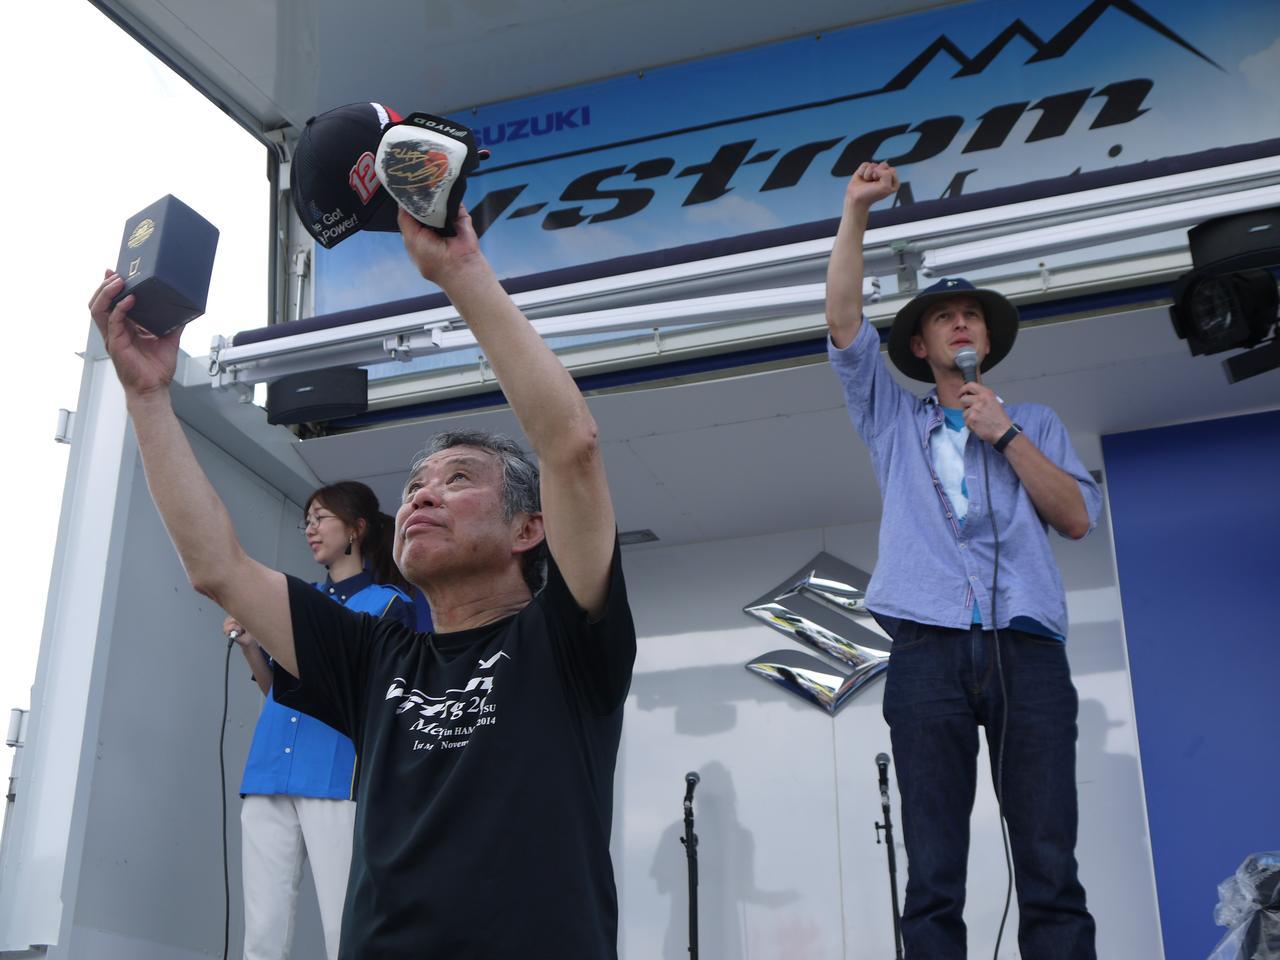 画像1: バースデイサプライズで、花束を受け取る加曽利さん、御年70歳! 「60代は人生の中で一番走ったし楽しめた、だから70代はもっと走って楽しんじゃいます!」と、まだまだ鉄人っぷりは健在です。日本